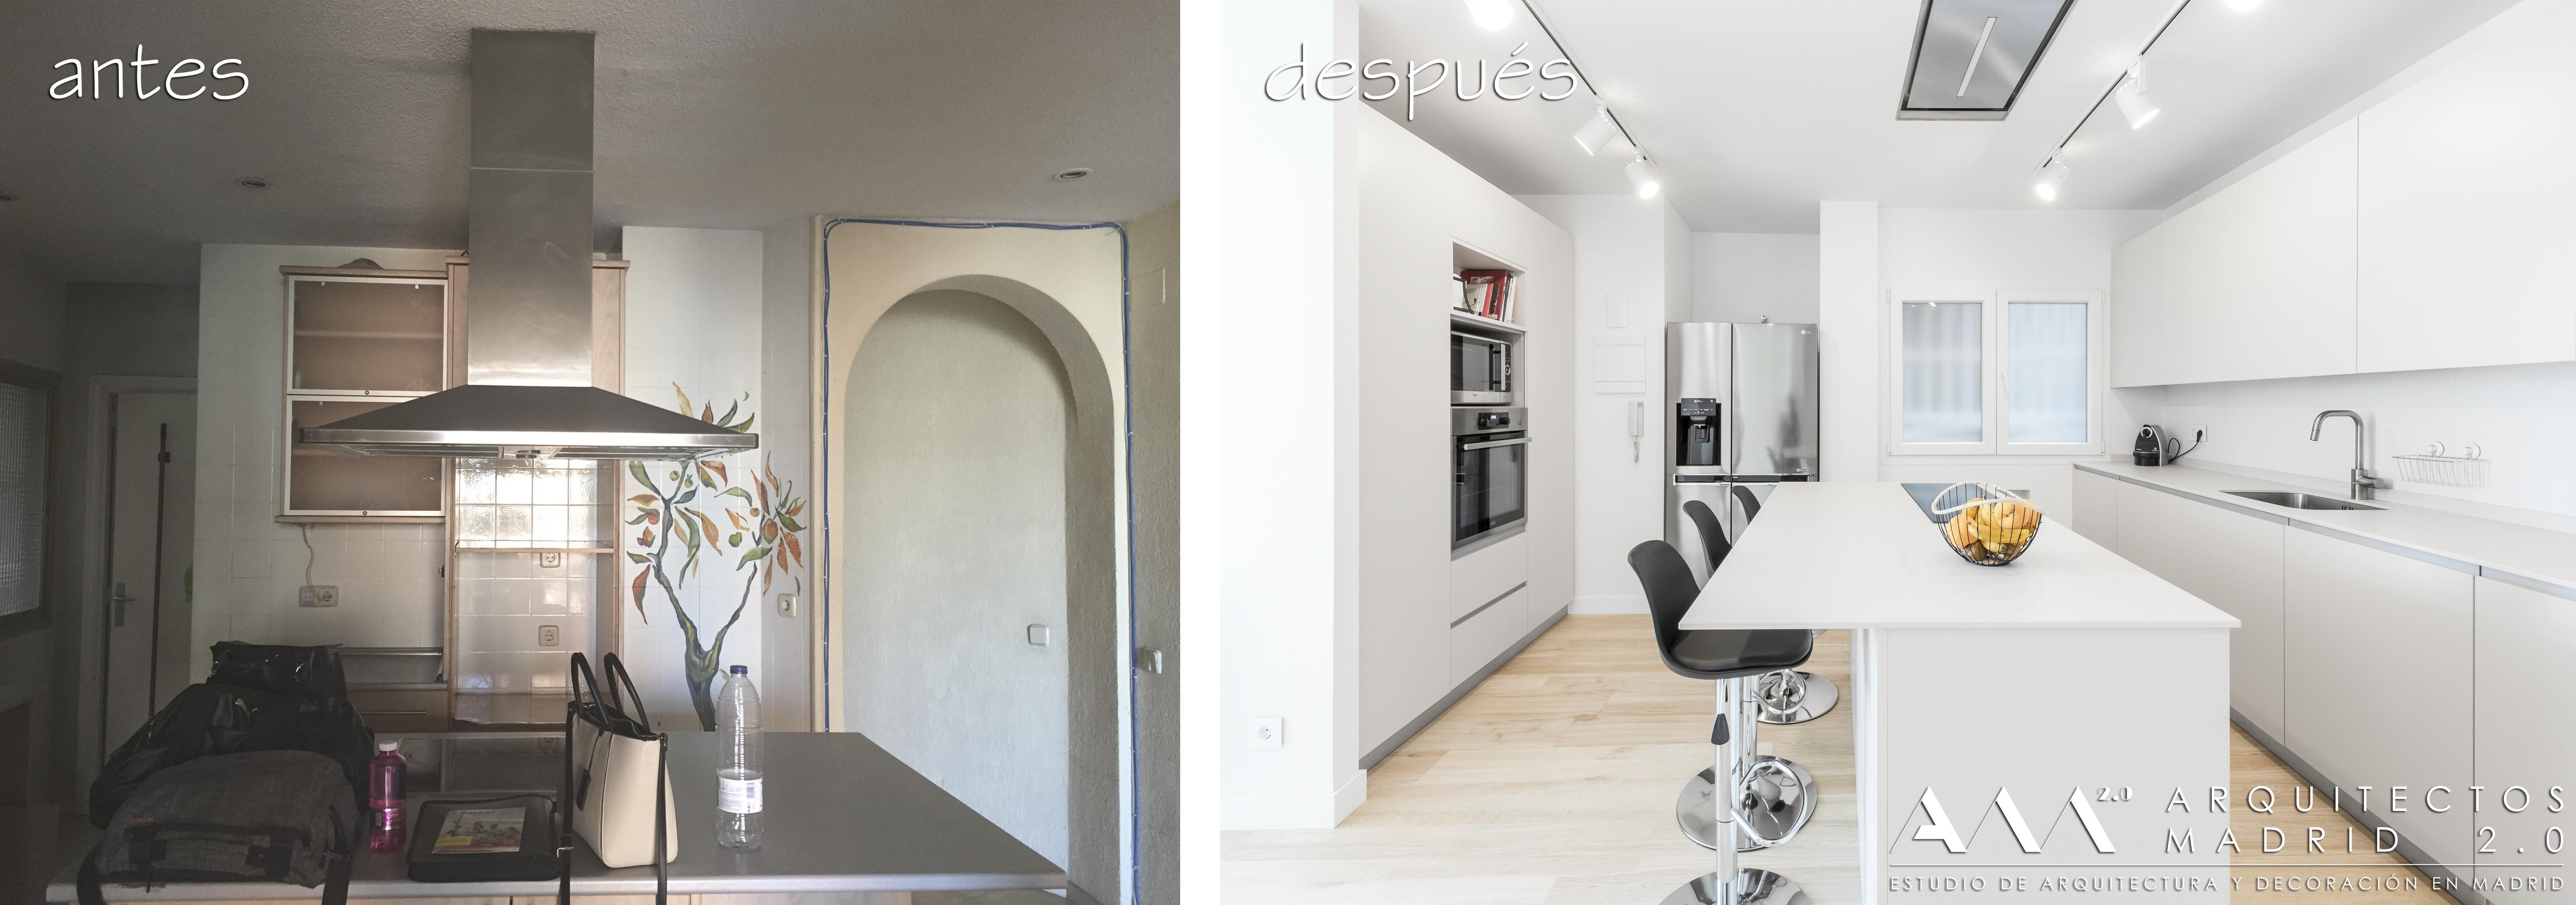 reforma-completa-de-vivienda-zona-atocha-madrid-antes-despues-cocina-isla